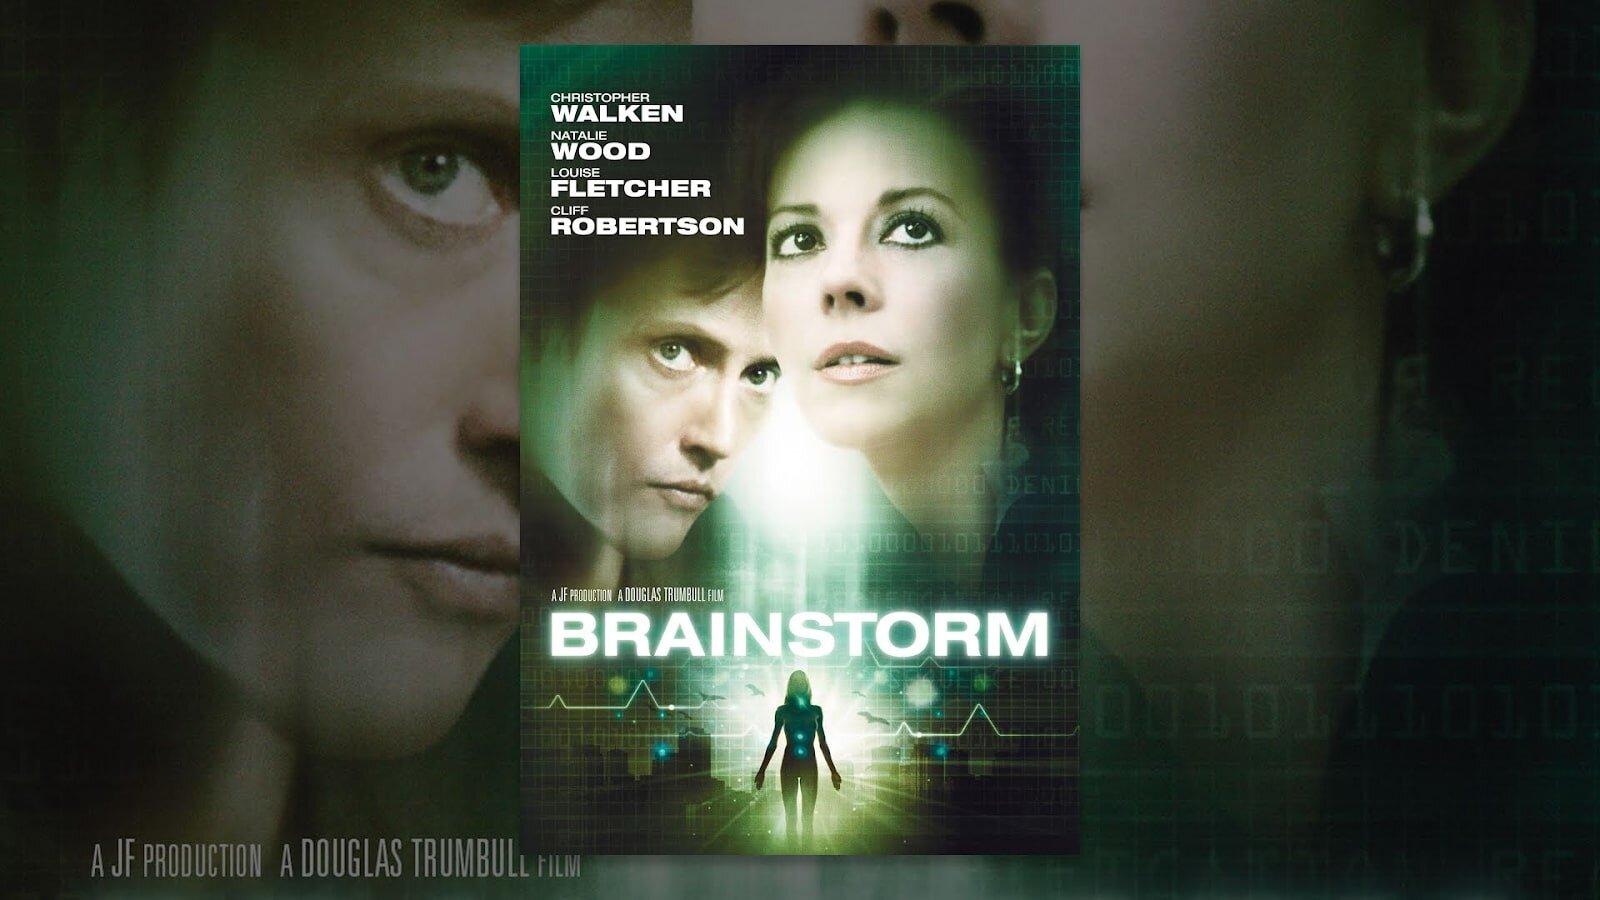 Brainstorm cũng là một bộ phim viễn tưởng mà bạn nên chọn để thưởng thức